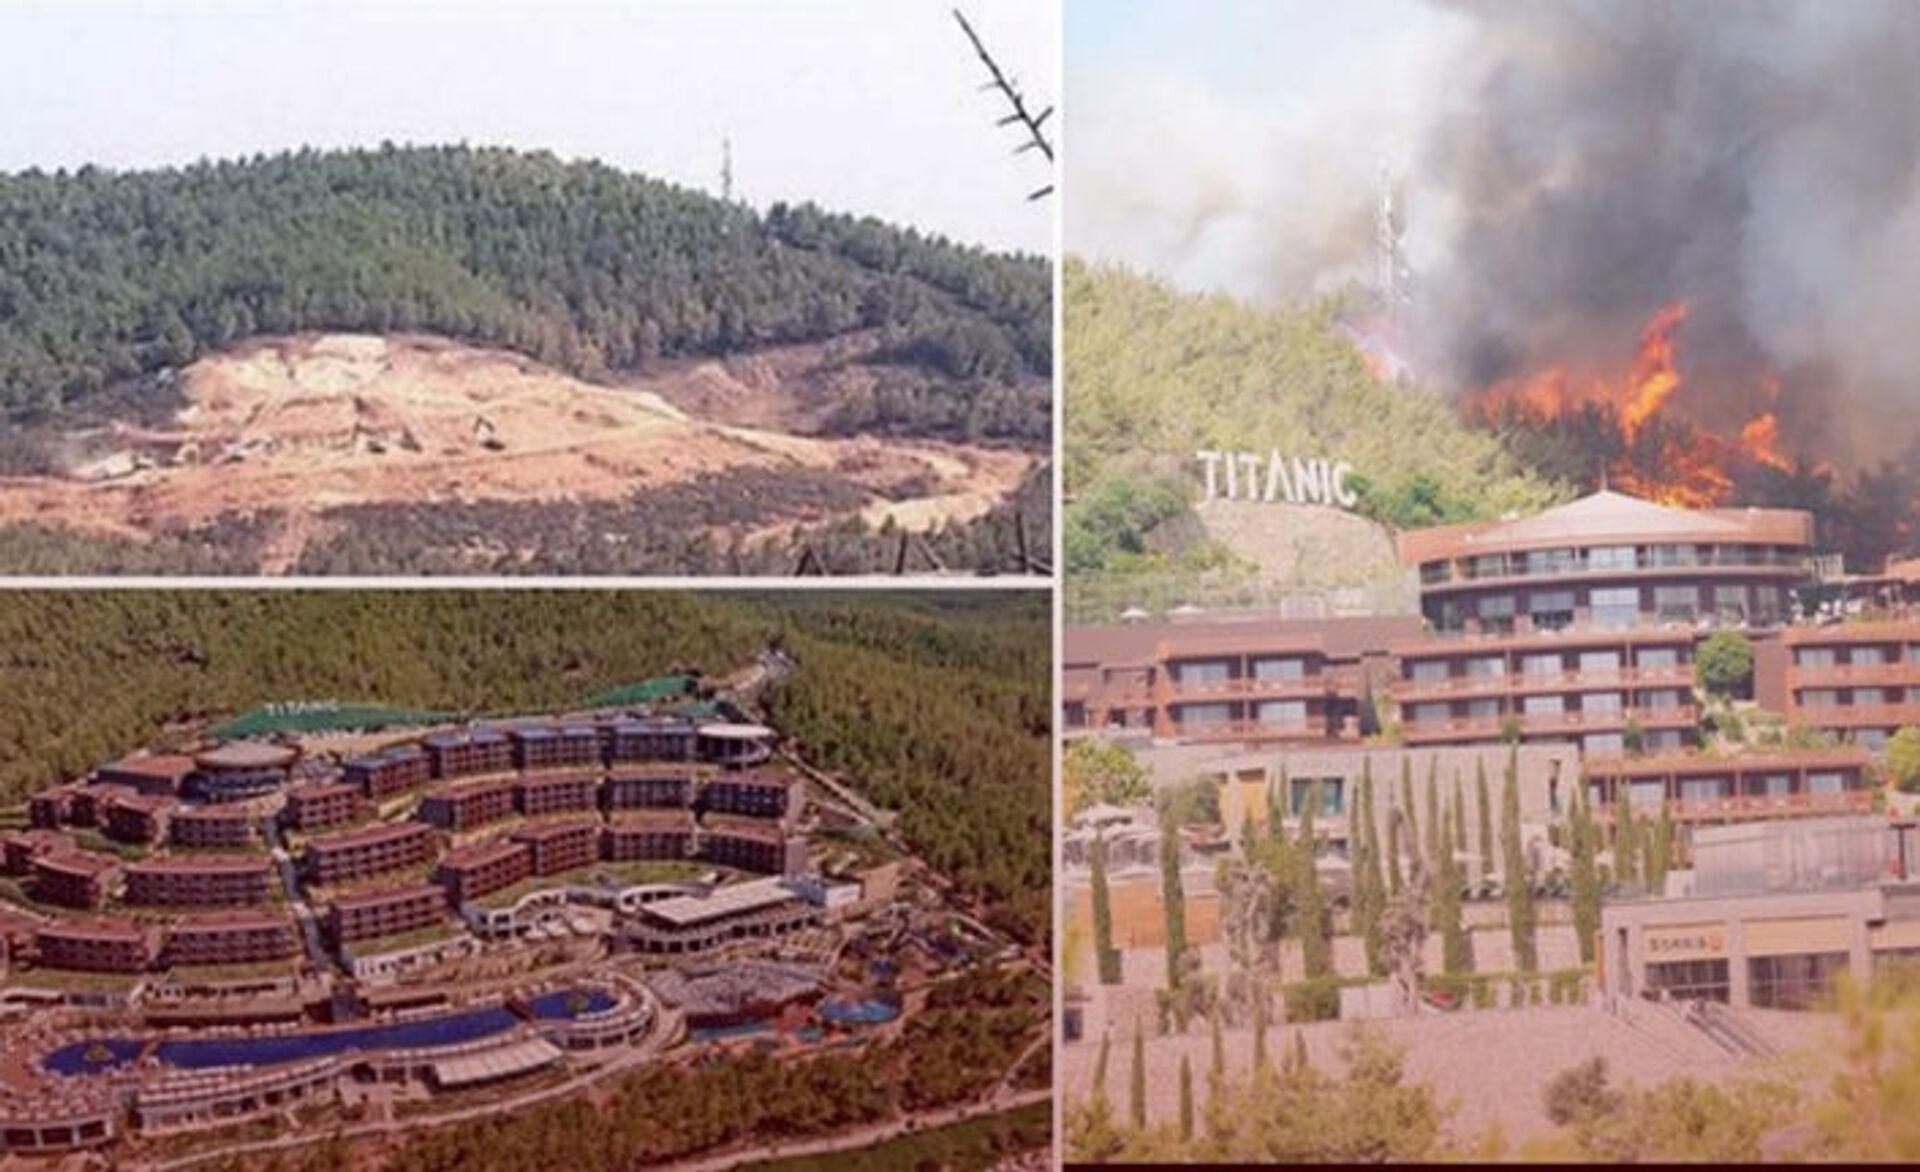 Çıkan yangında yanan ağaçların yerine dikilen otel, yangın nedeniyle tahliye edildi - Sputnik Türkiye, 1920